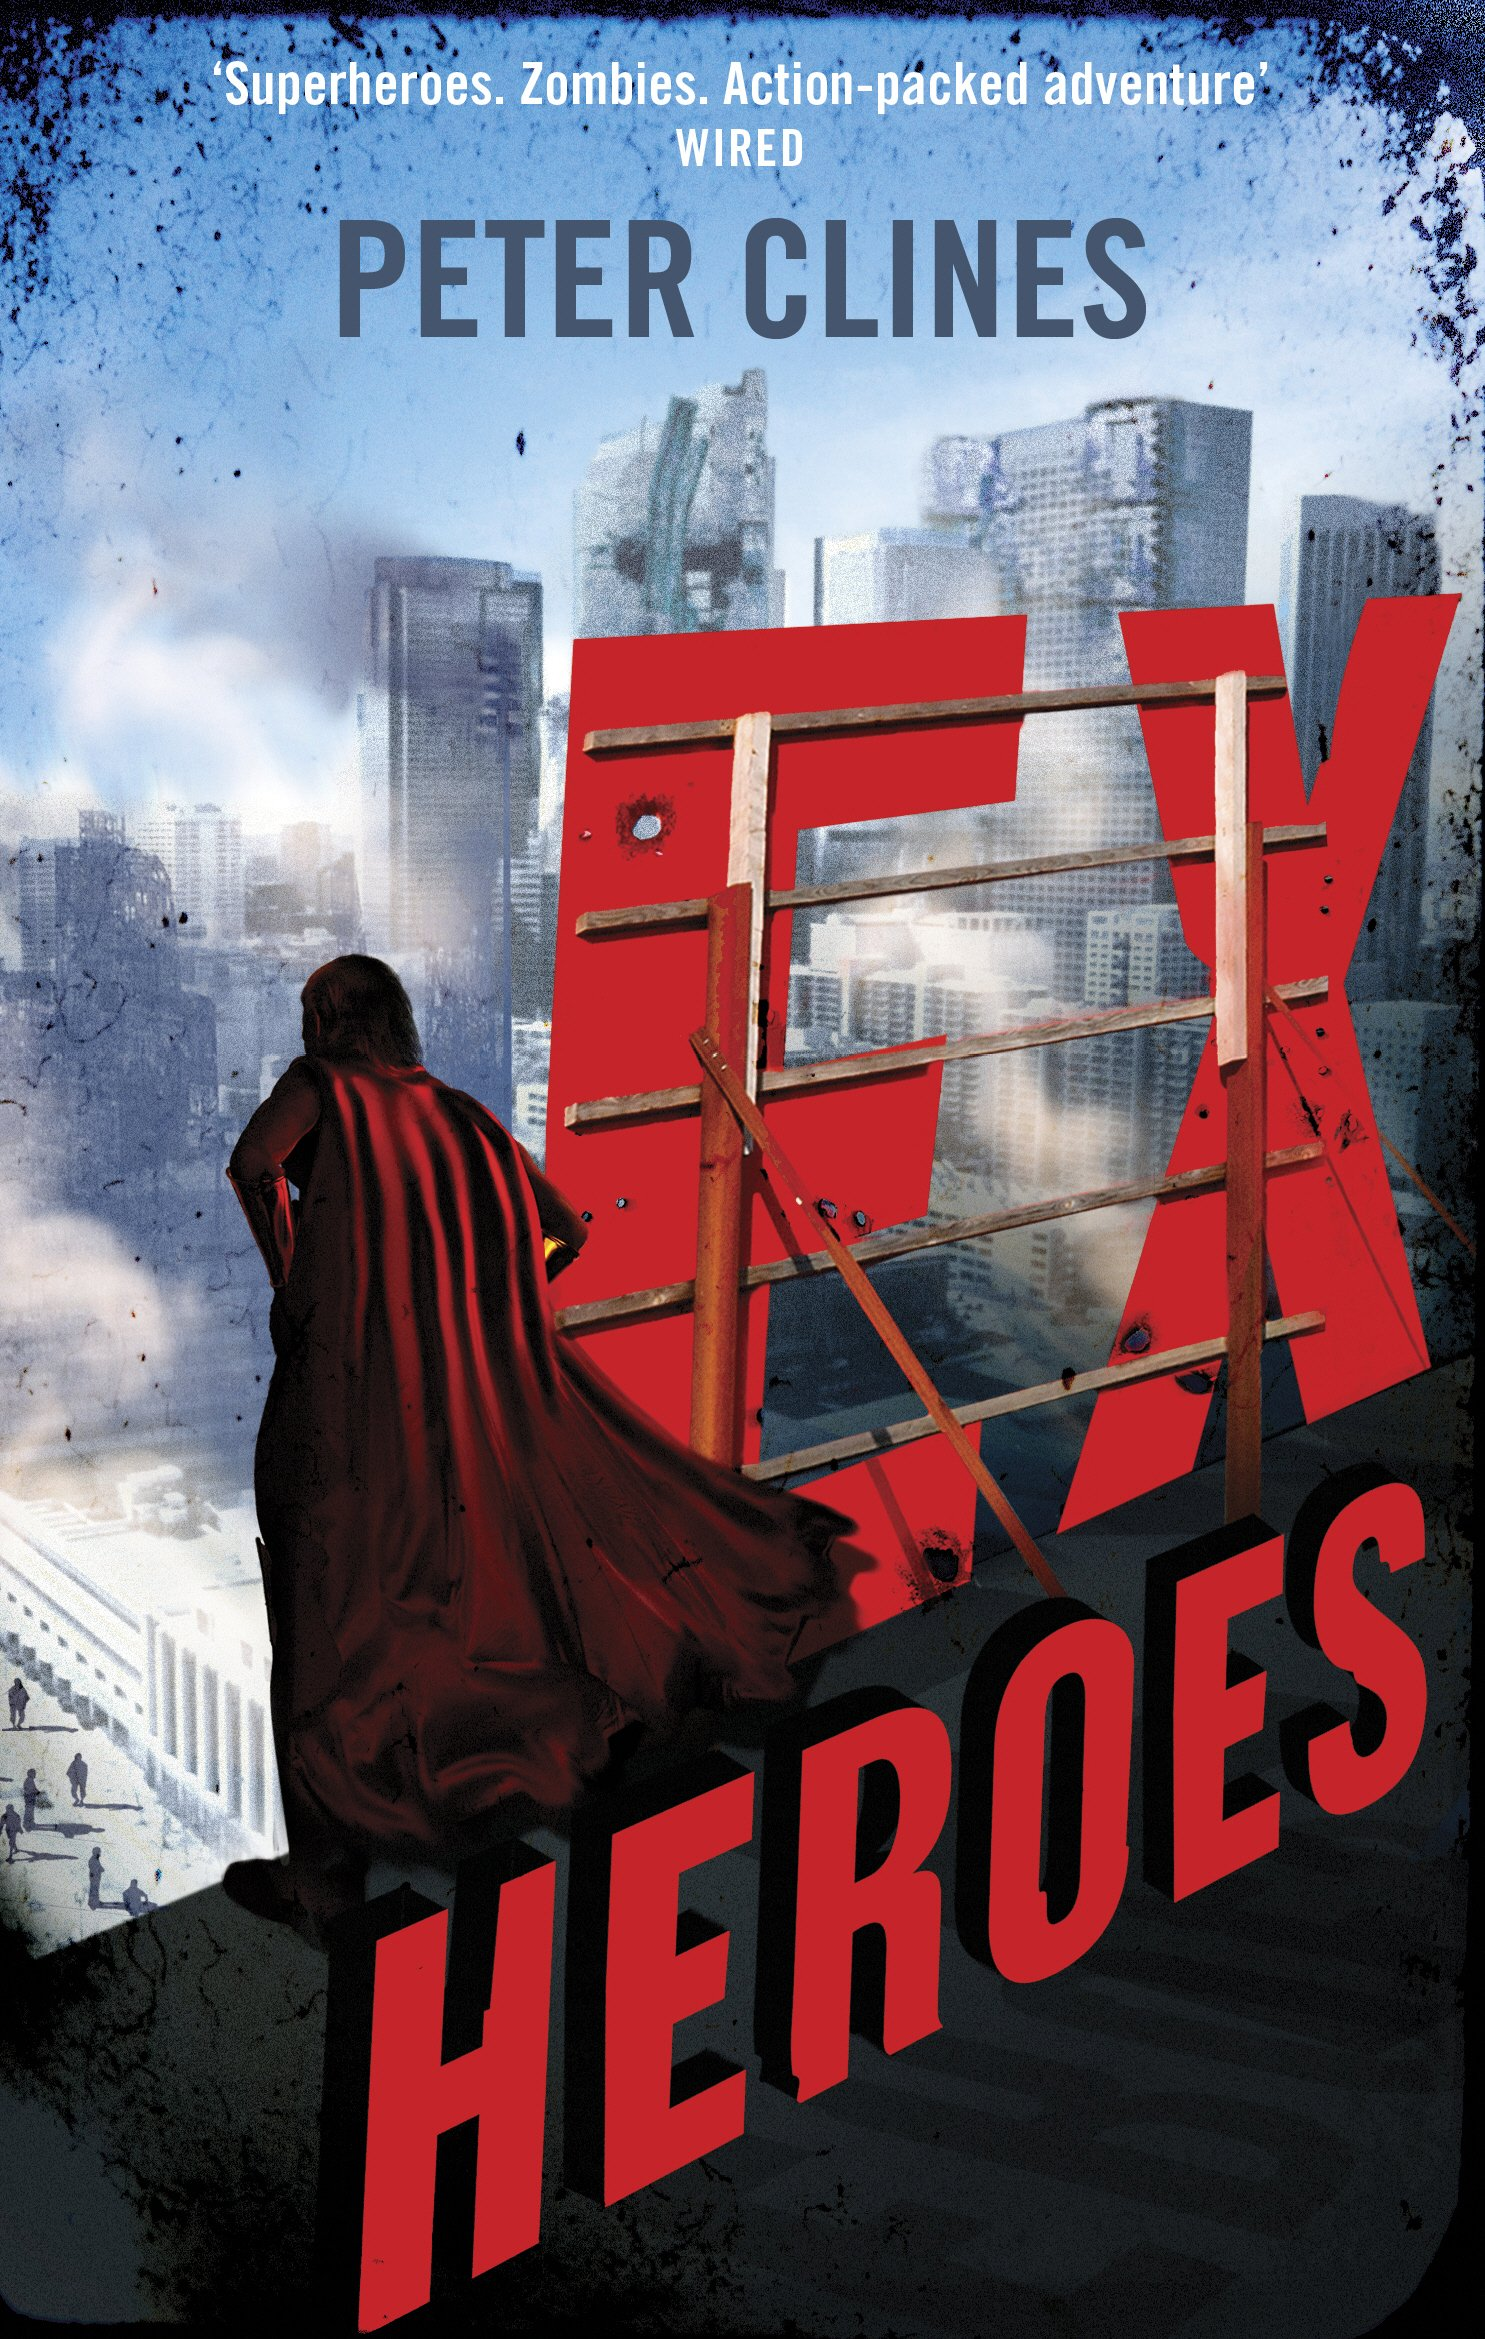 Ex-Heroes: Superheroes vs Zombies